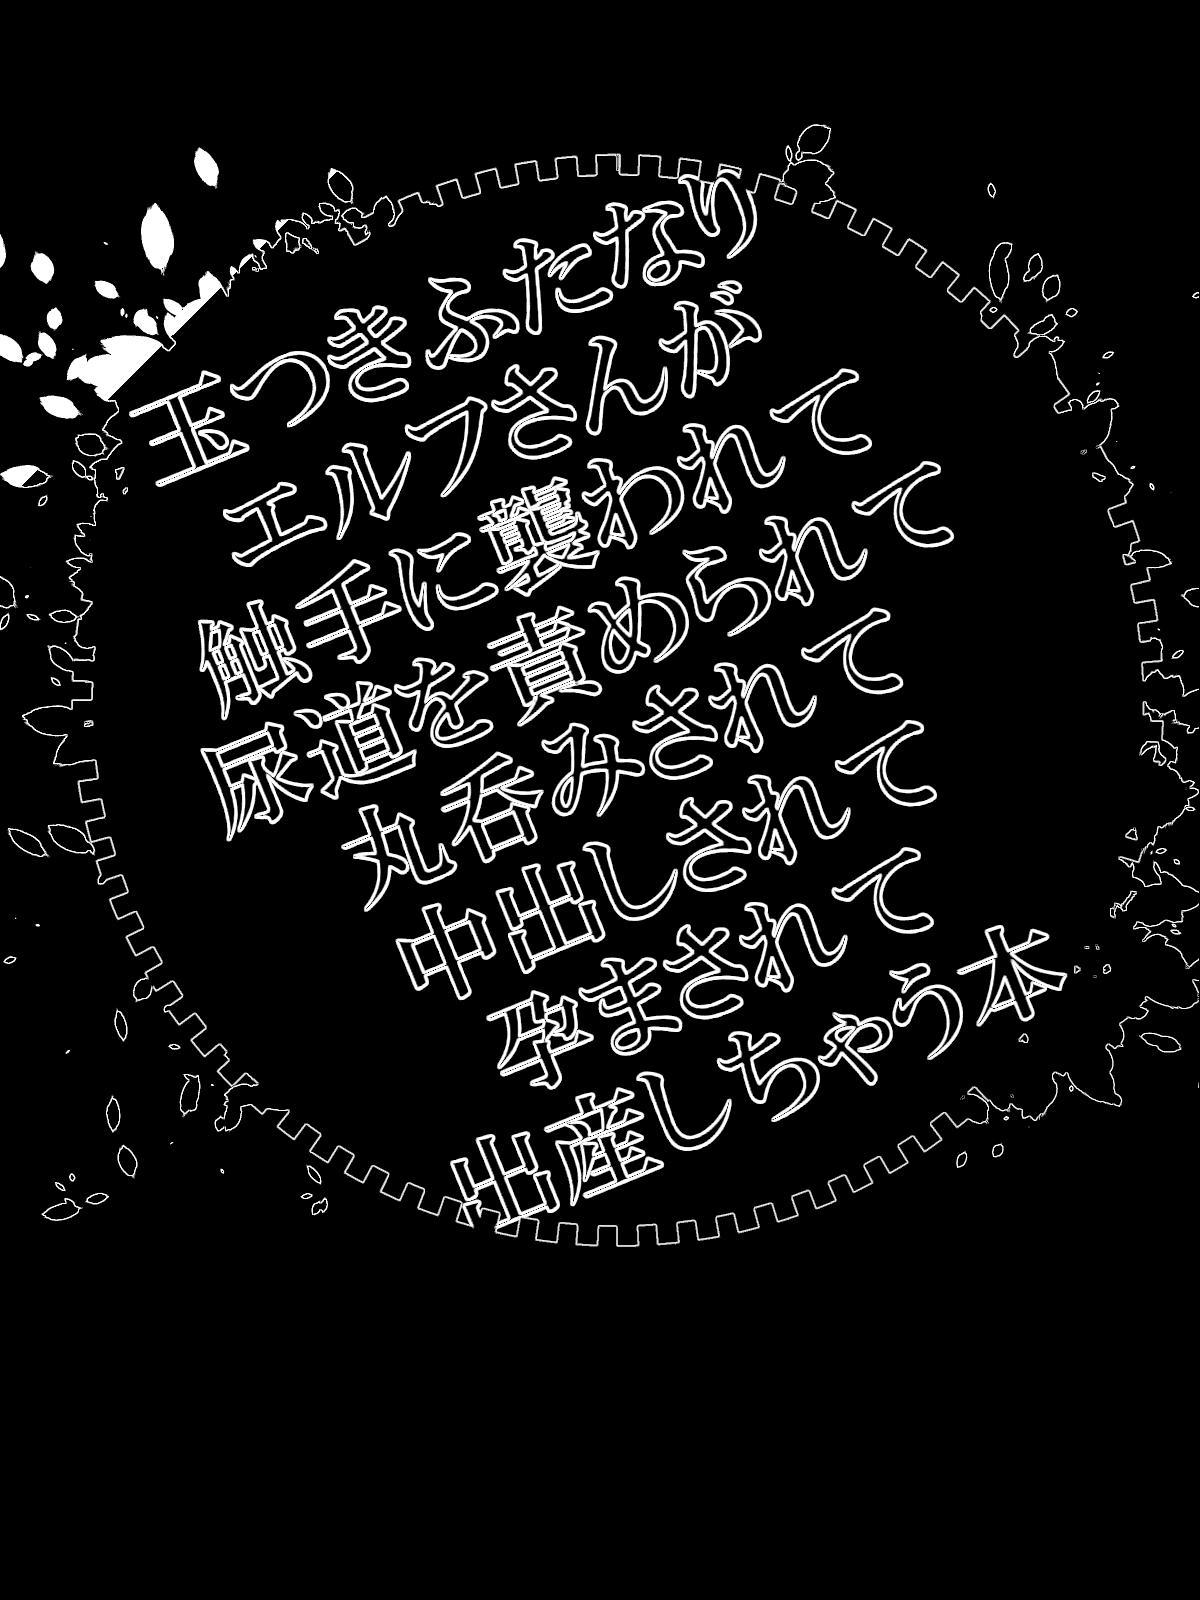 Tamatsuki Futanari Elf-san ga Shokushu ni Osowarete Nyoudou o Semerarete Marunomi Sarete Nakadashi Sarete Haramasarete Shussan Shichau Hon 39